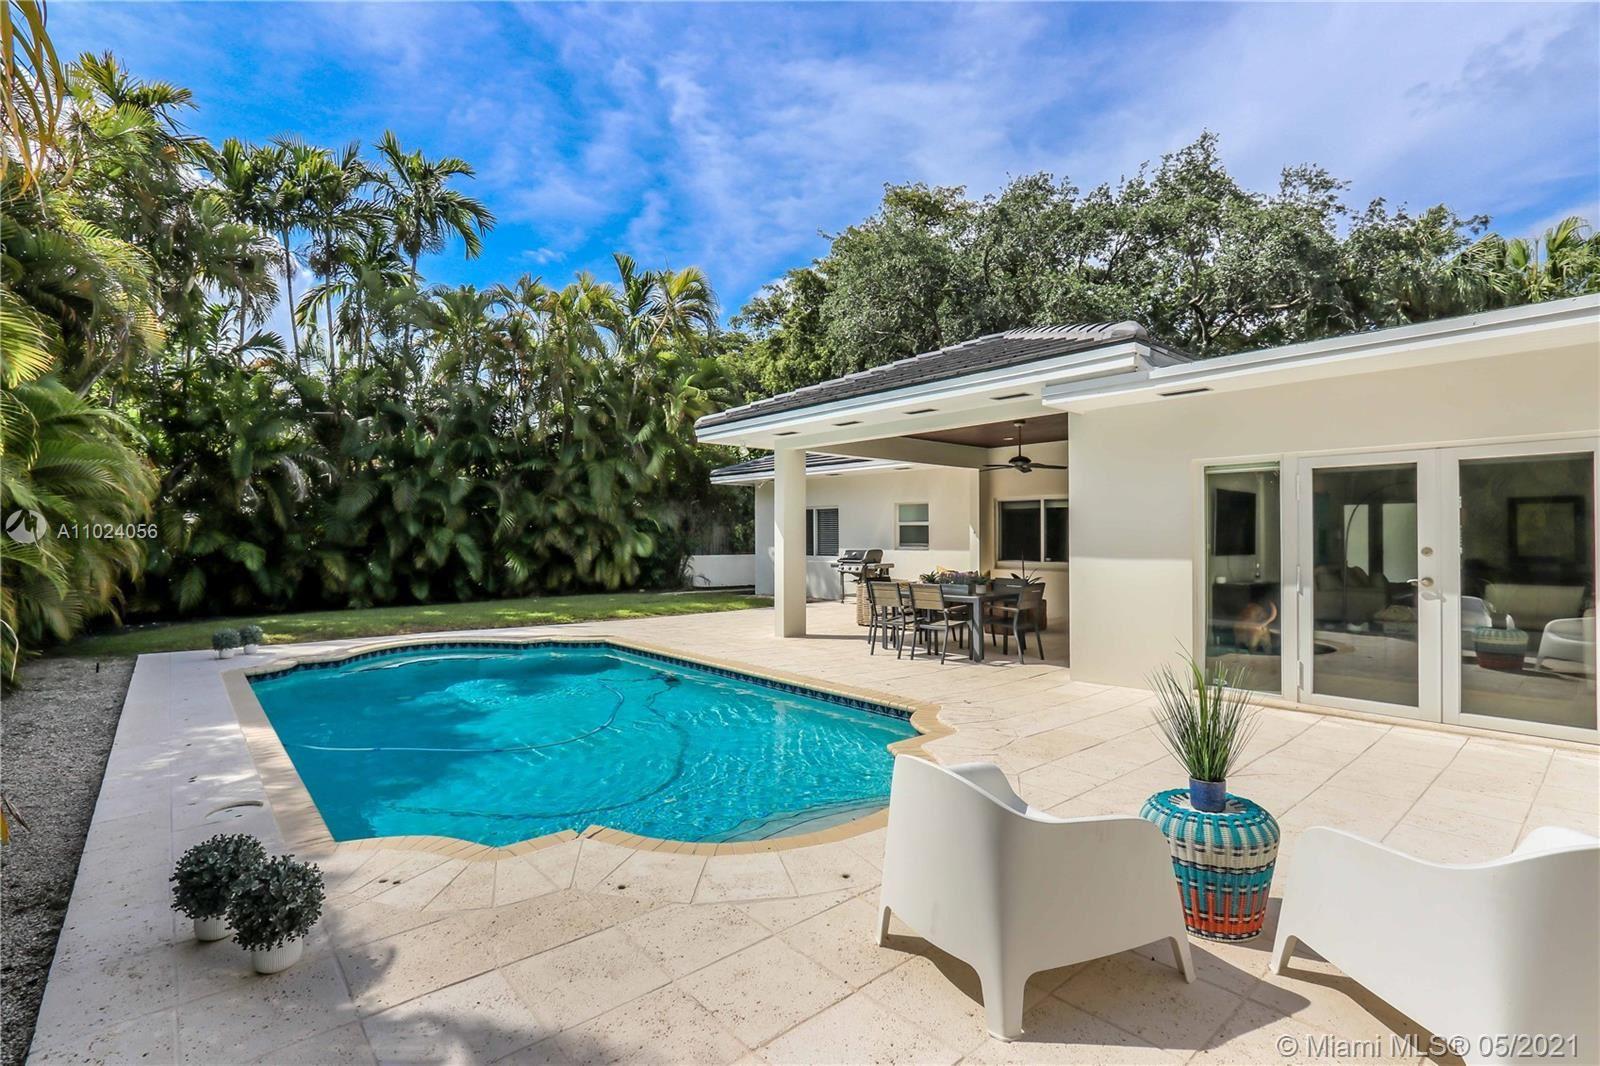 5701 Michelangelo St, Coral Gables, FL 33146 - #: A11024056